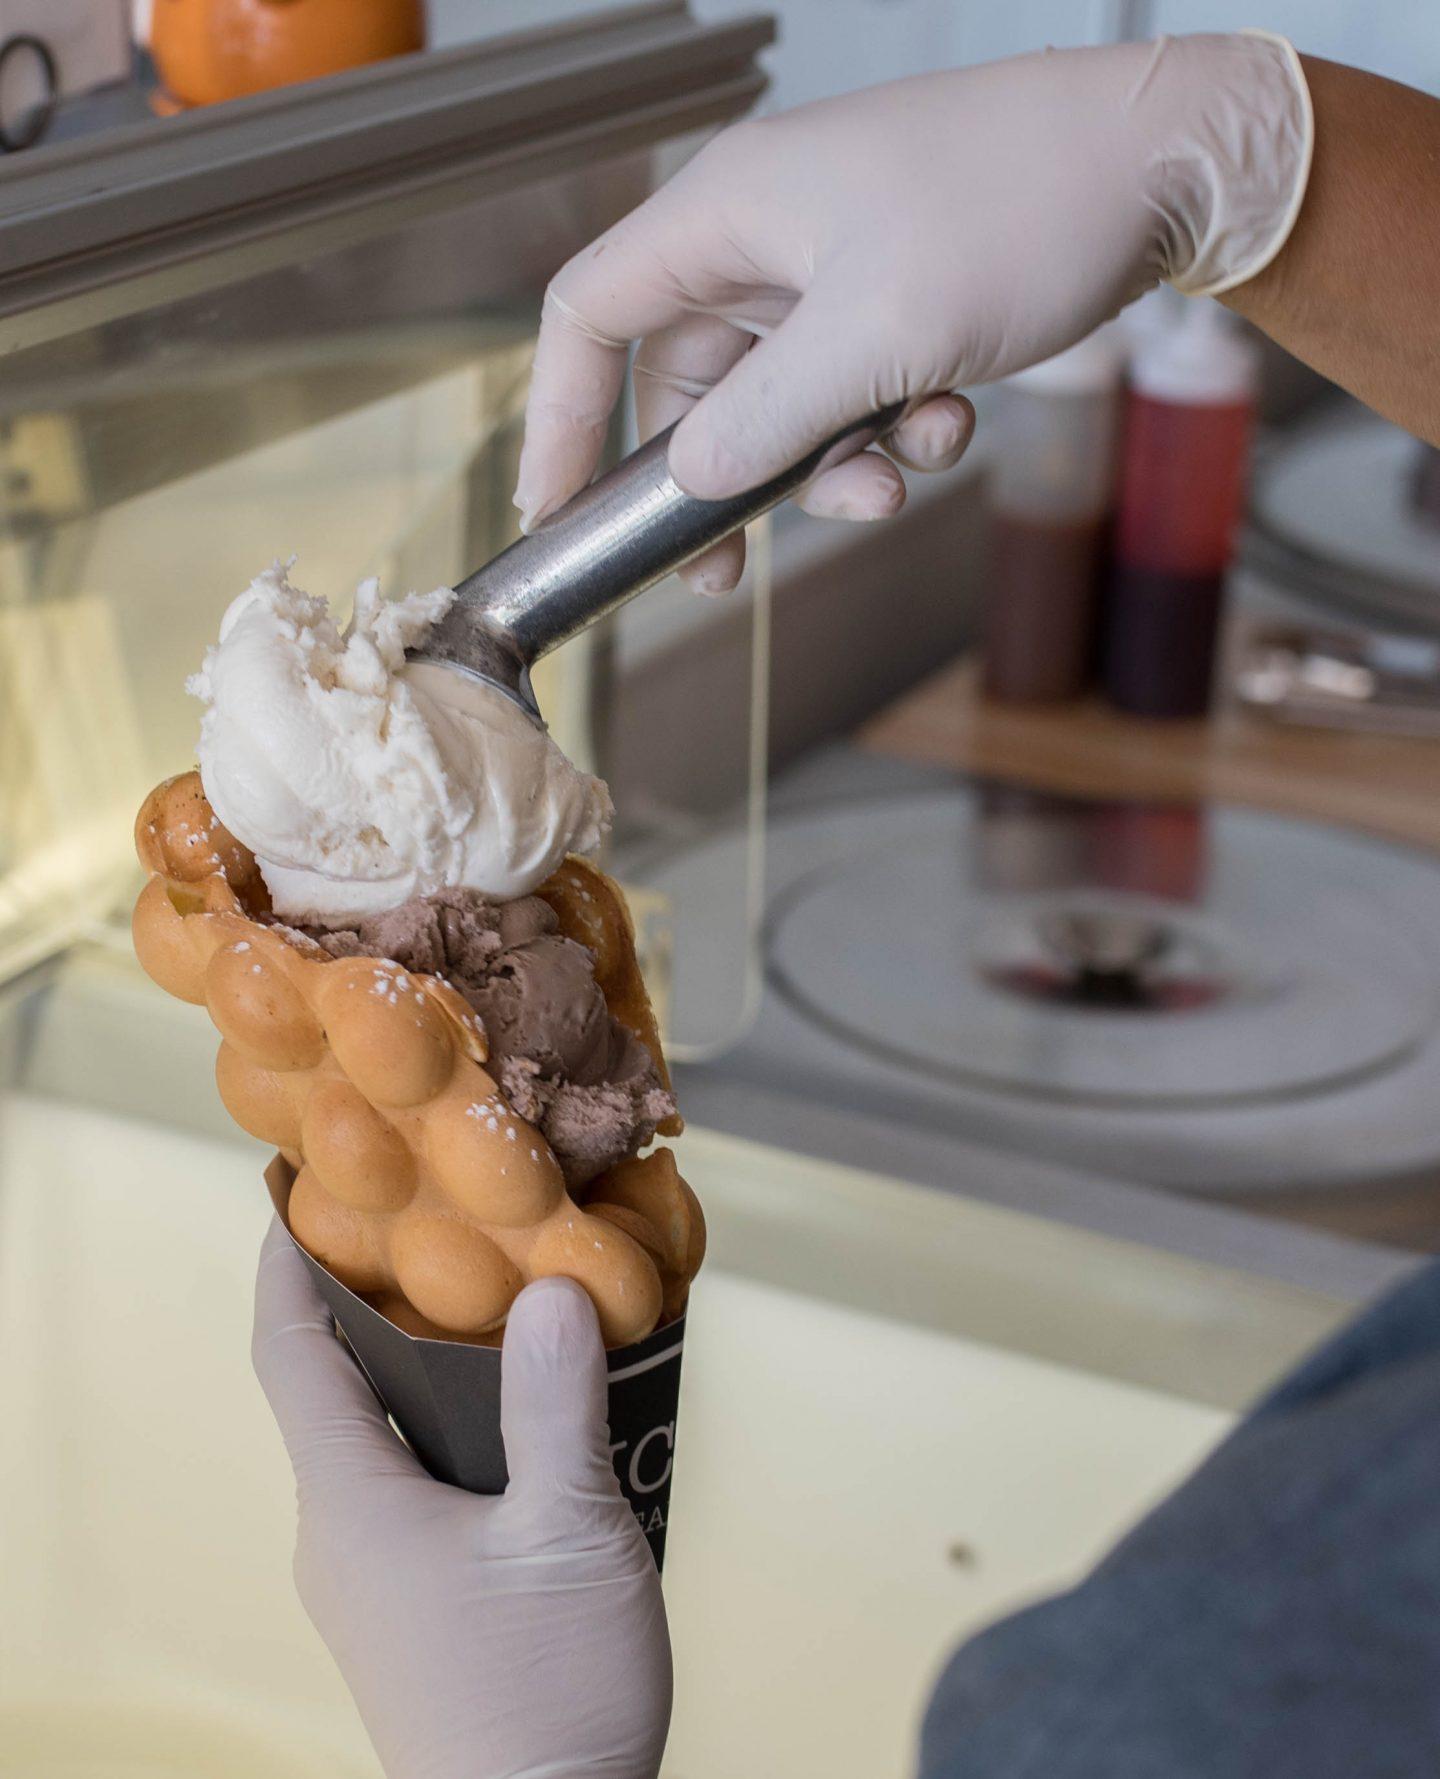 ice3 creamery gelato